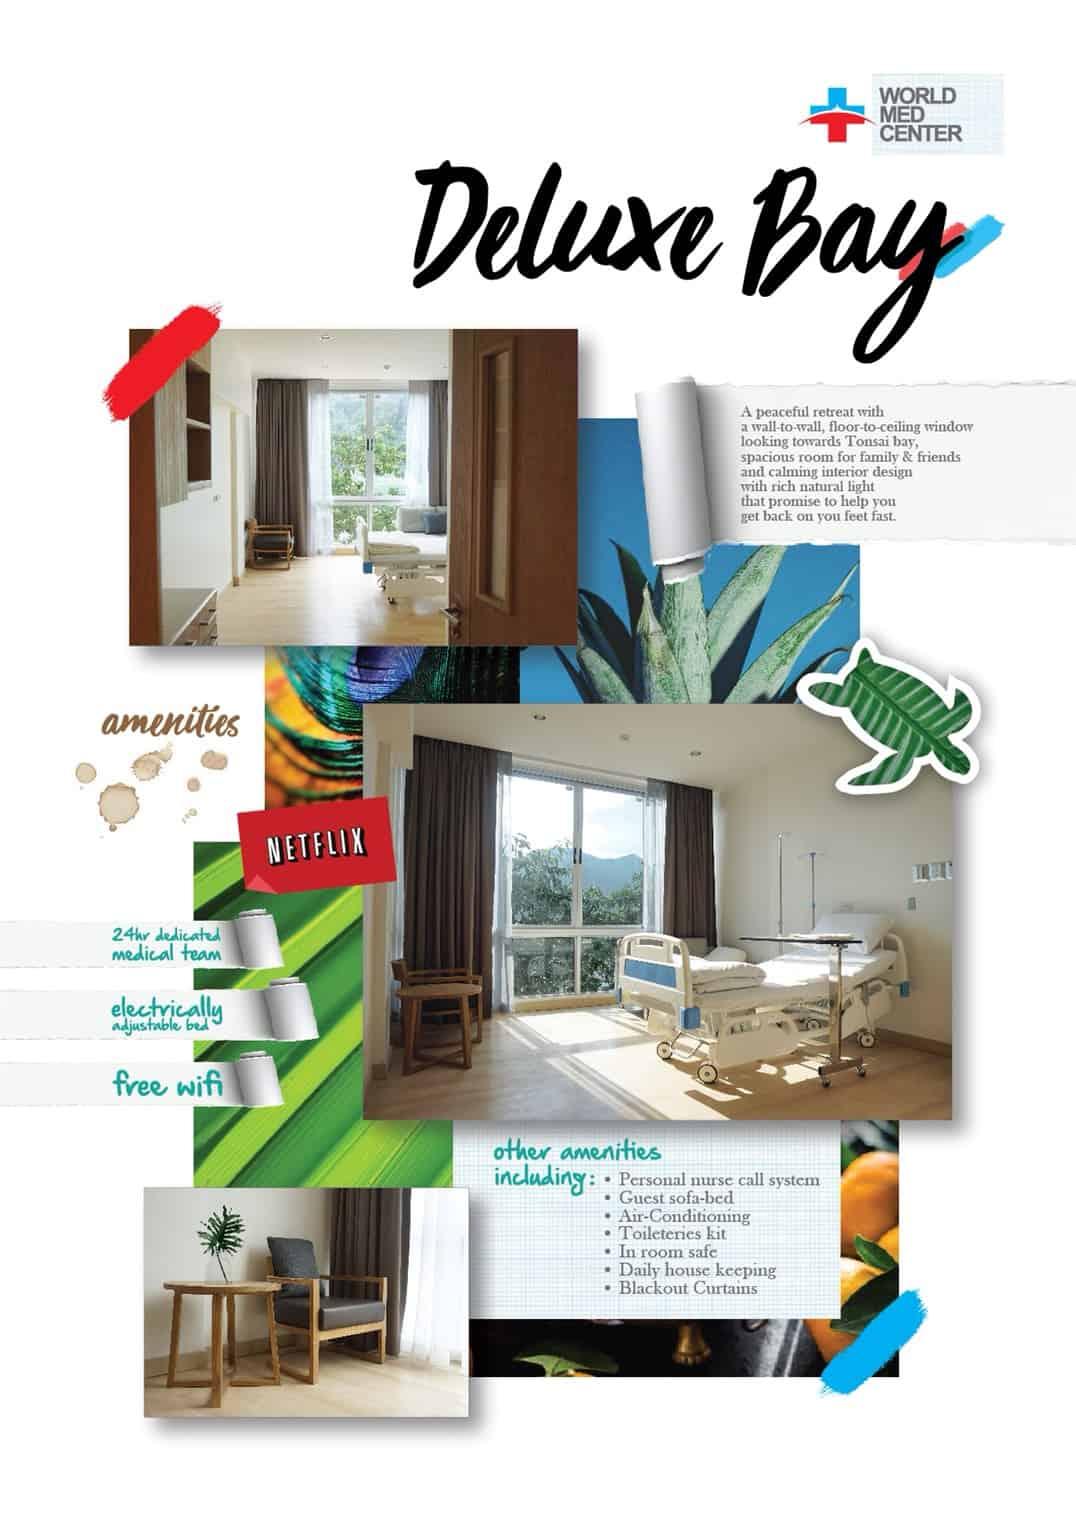 Deluxe bay